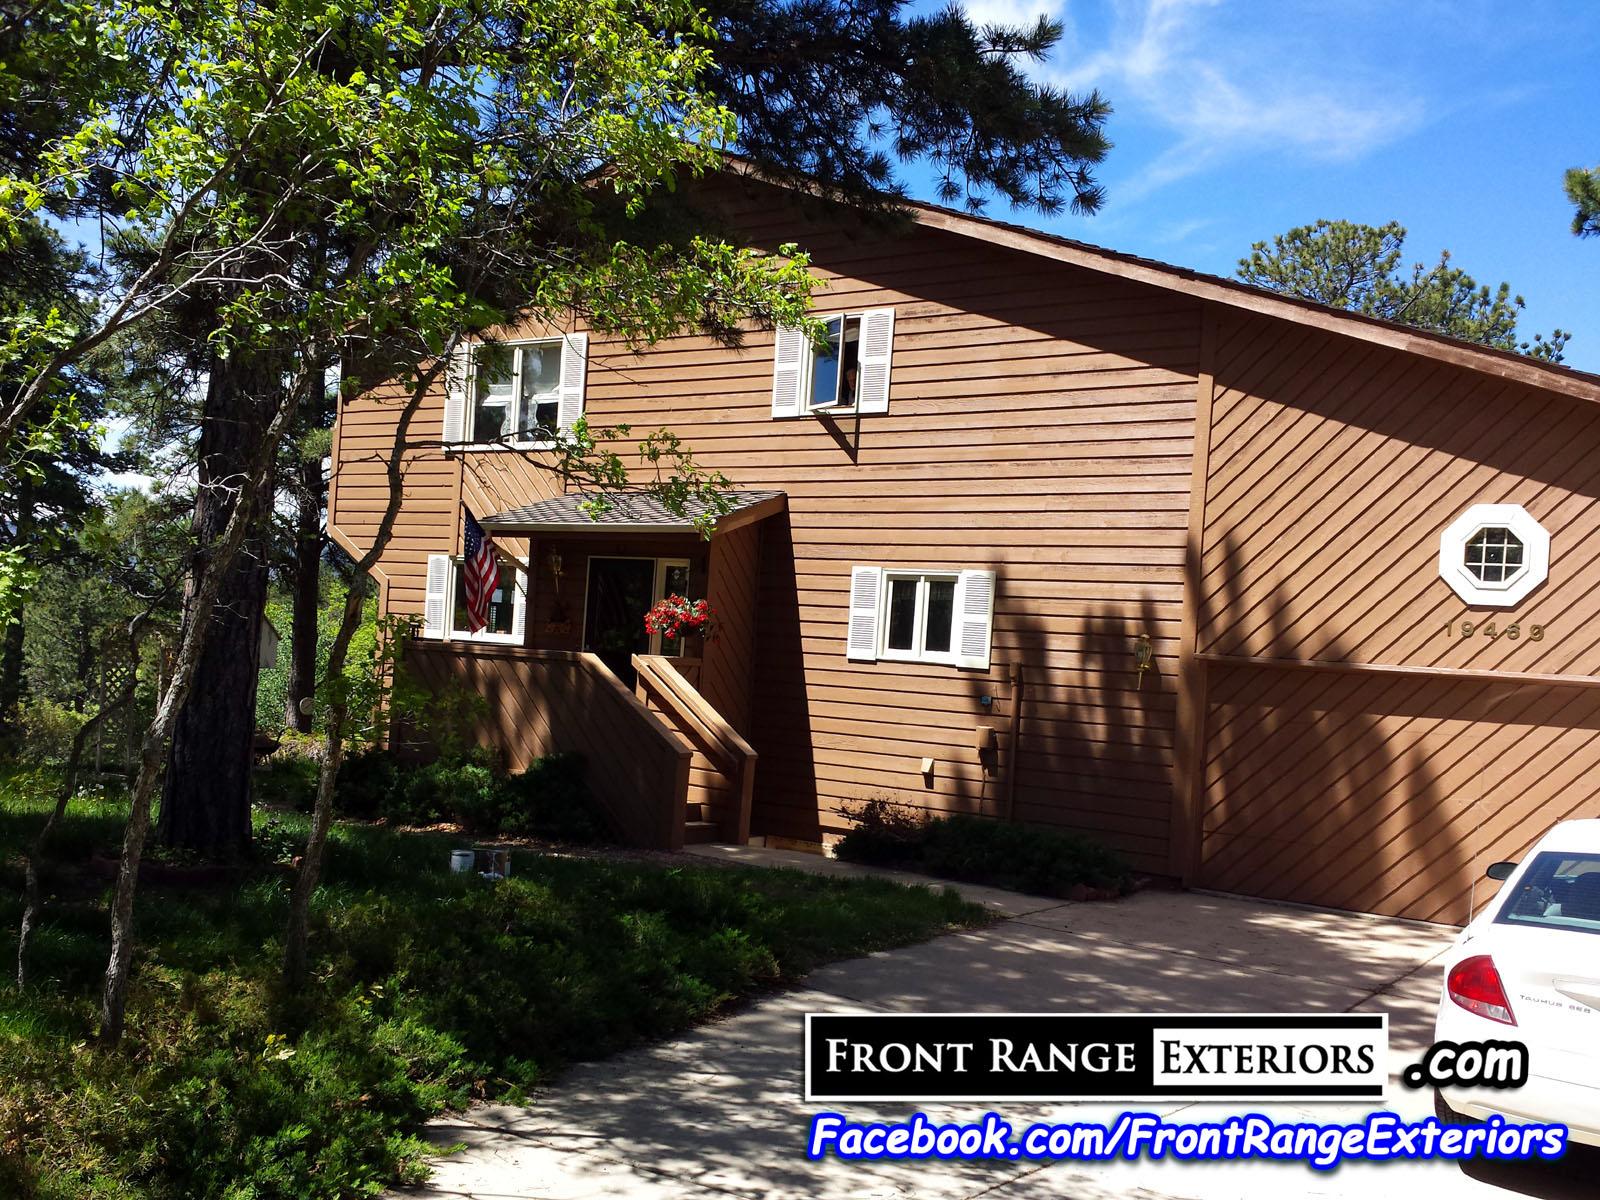 Exterior house painting colorado springs 719 staining front range exteriors inc - Colorado springs exterior house painting paint ...